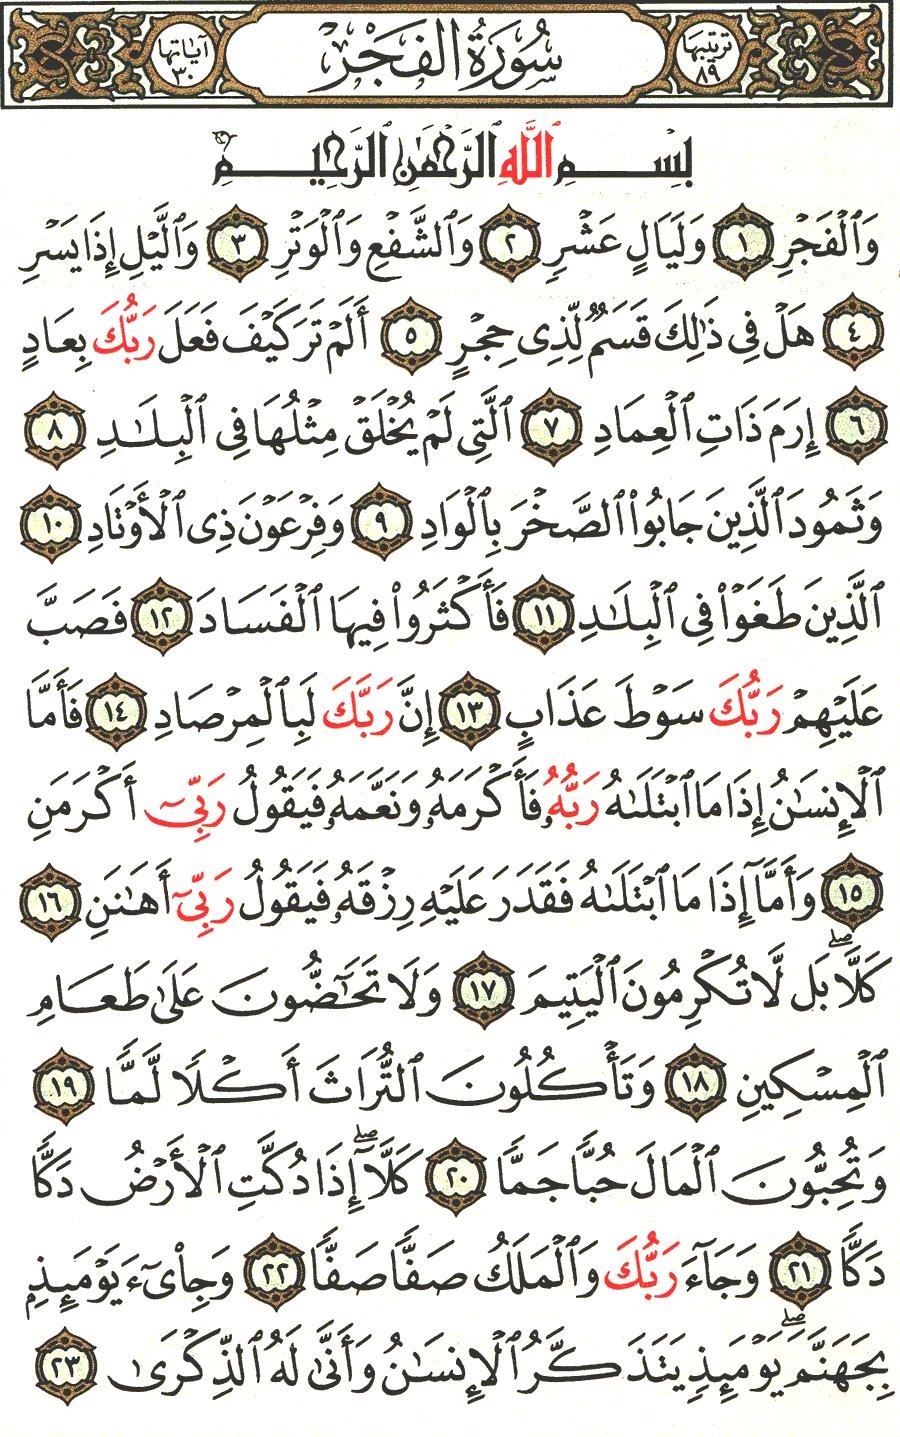 الصفحة رقم 593 من القرآن الكريم مكتوبة من المصحف